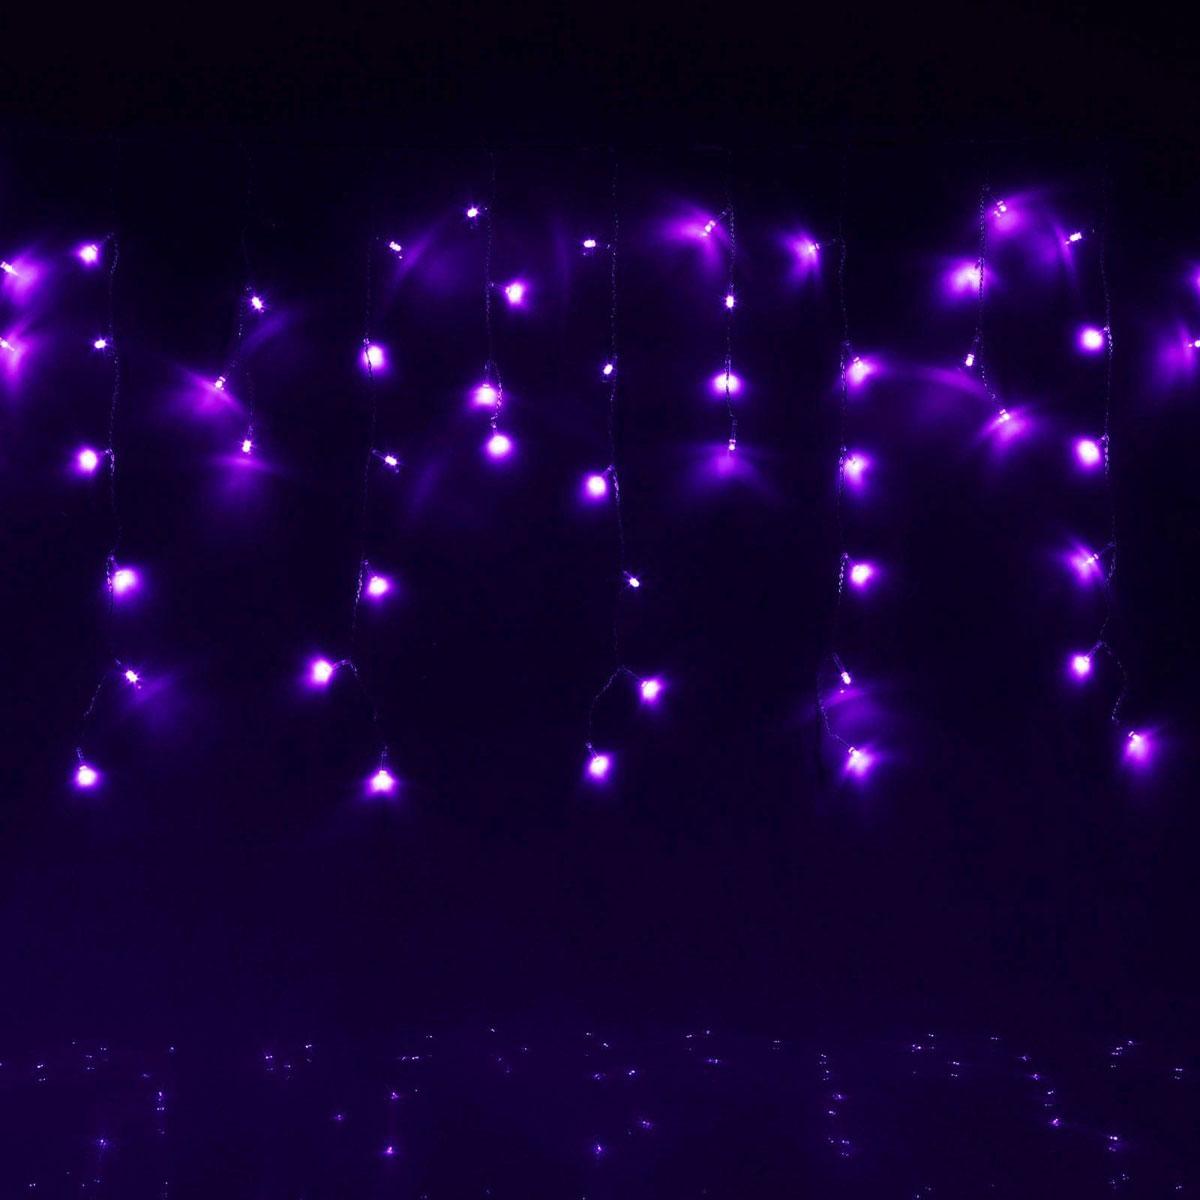 Гирлянда светодиодная Luazon Бахрома, 8 режимов, 60 ламп, 220 V, цвет: фиолетовый, 1,2 х 0,6 м. 187175187175Гирлянда светодиодная Бахрома - это отличный вариант для новогоднего оформления интерьера или фасада. С ее помощью помещение любого размера можно превратить в праздничный зал, а внешние элементы зданий, украшенные гирляндой, мгновенно станут напоминать очертания сказочного дворца. Такое украшение создаст ауру предвкушения чуда. Деревья, фасады, витрины, окна и арки будто специально созданы, чтобы вы украсили их светящимися нитями.